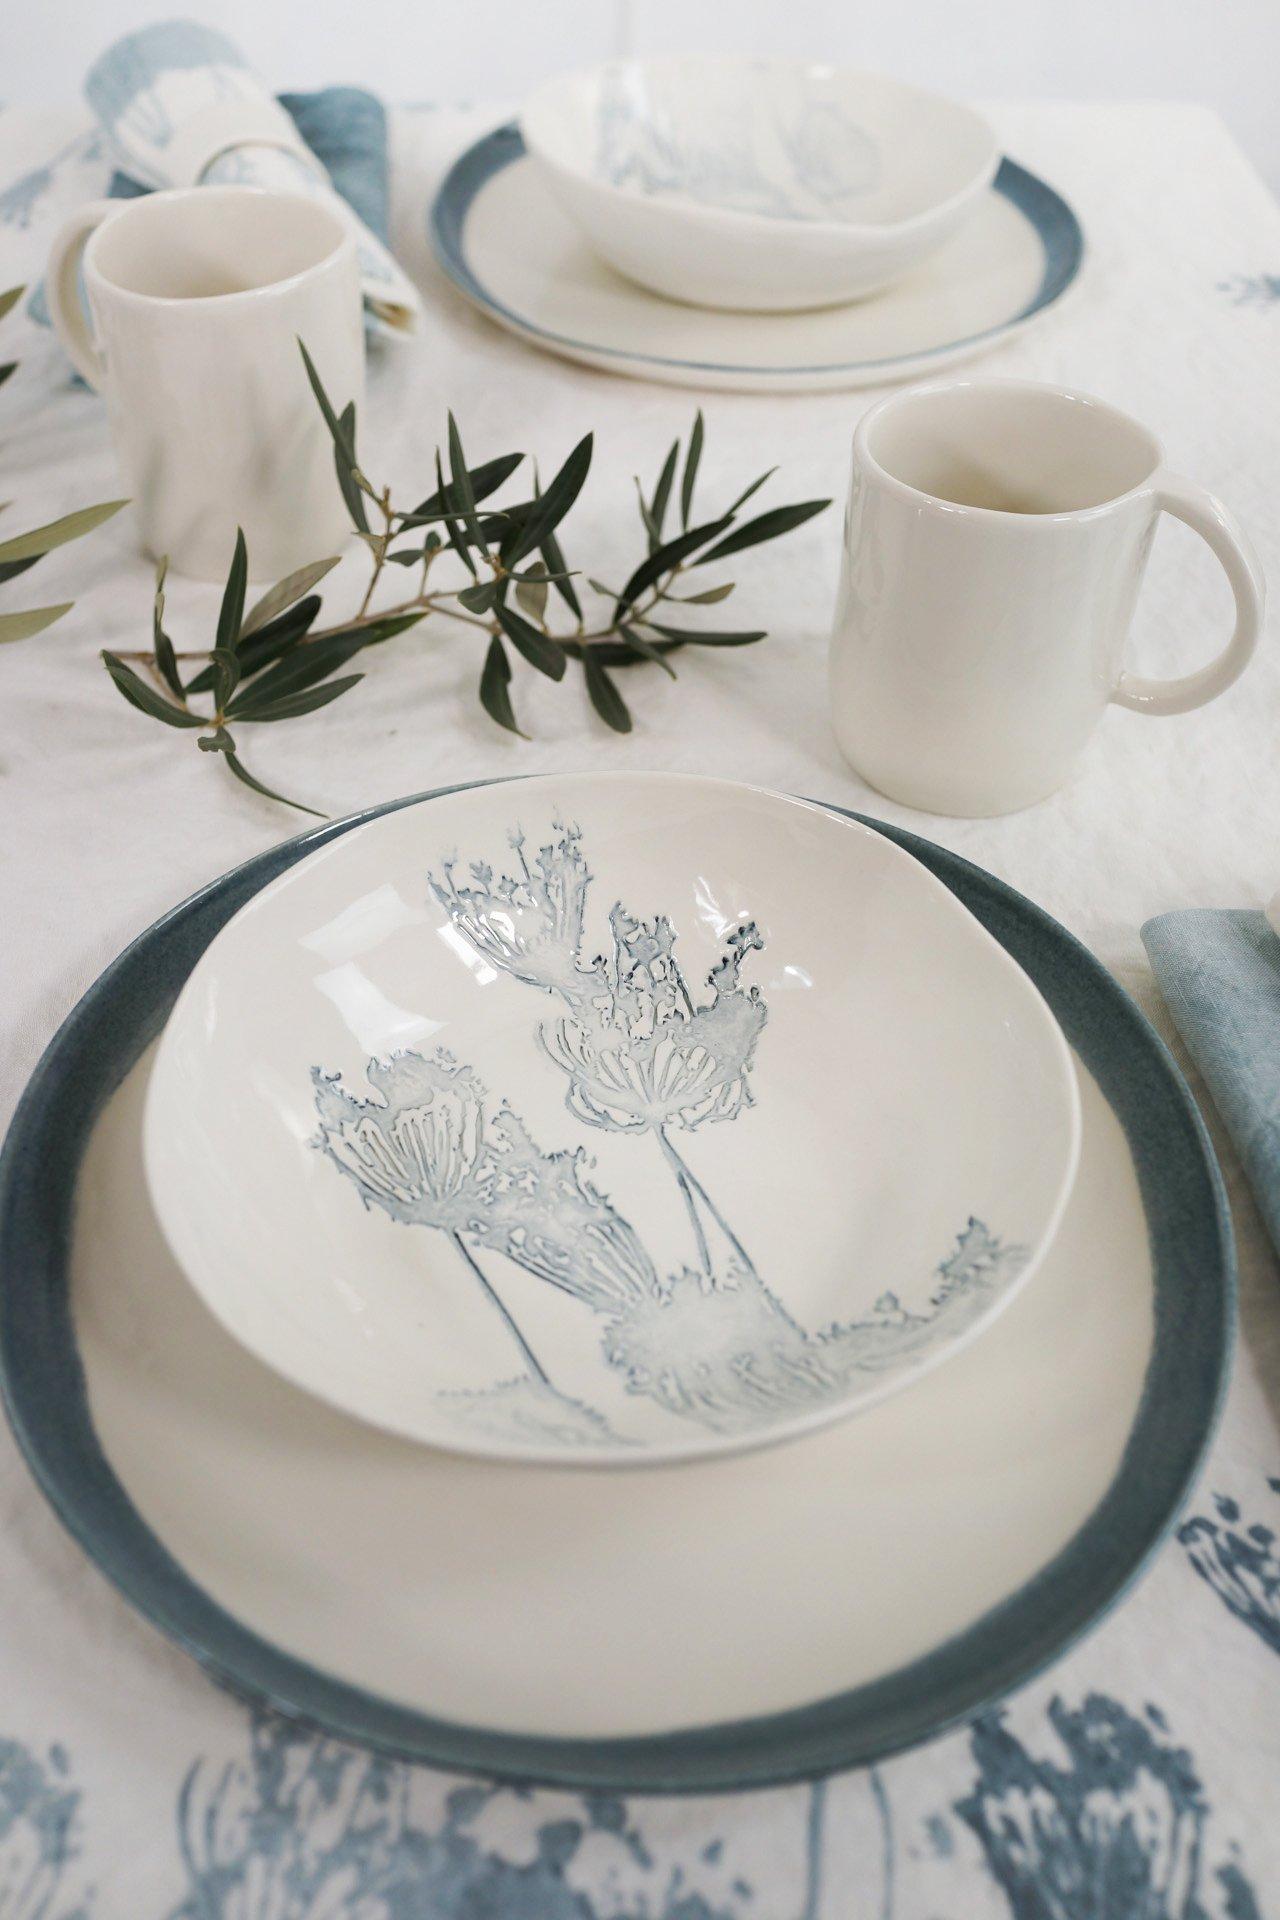 floral limoges porcelain bespoke design